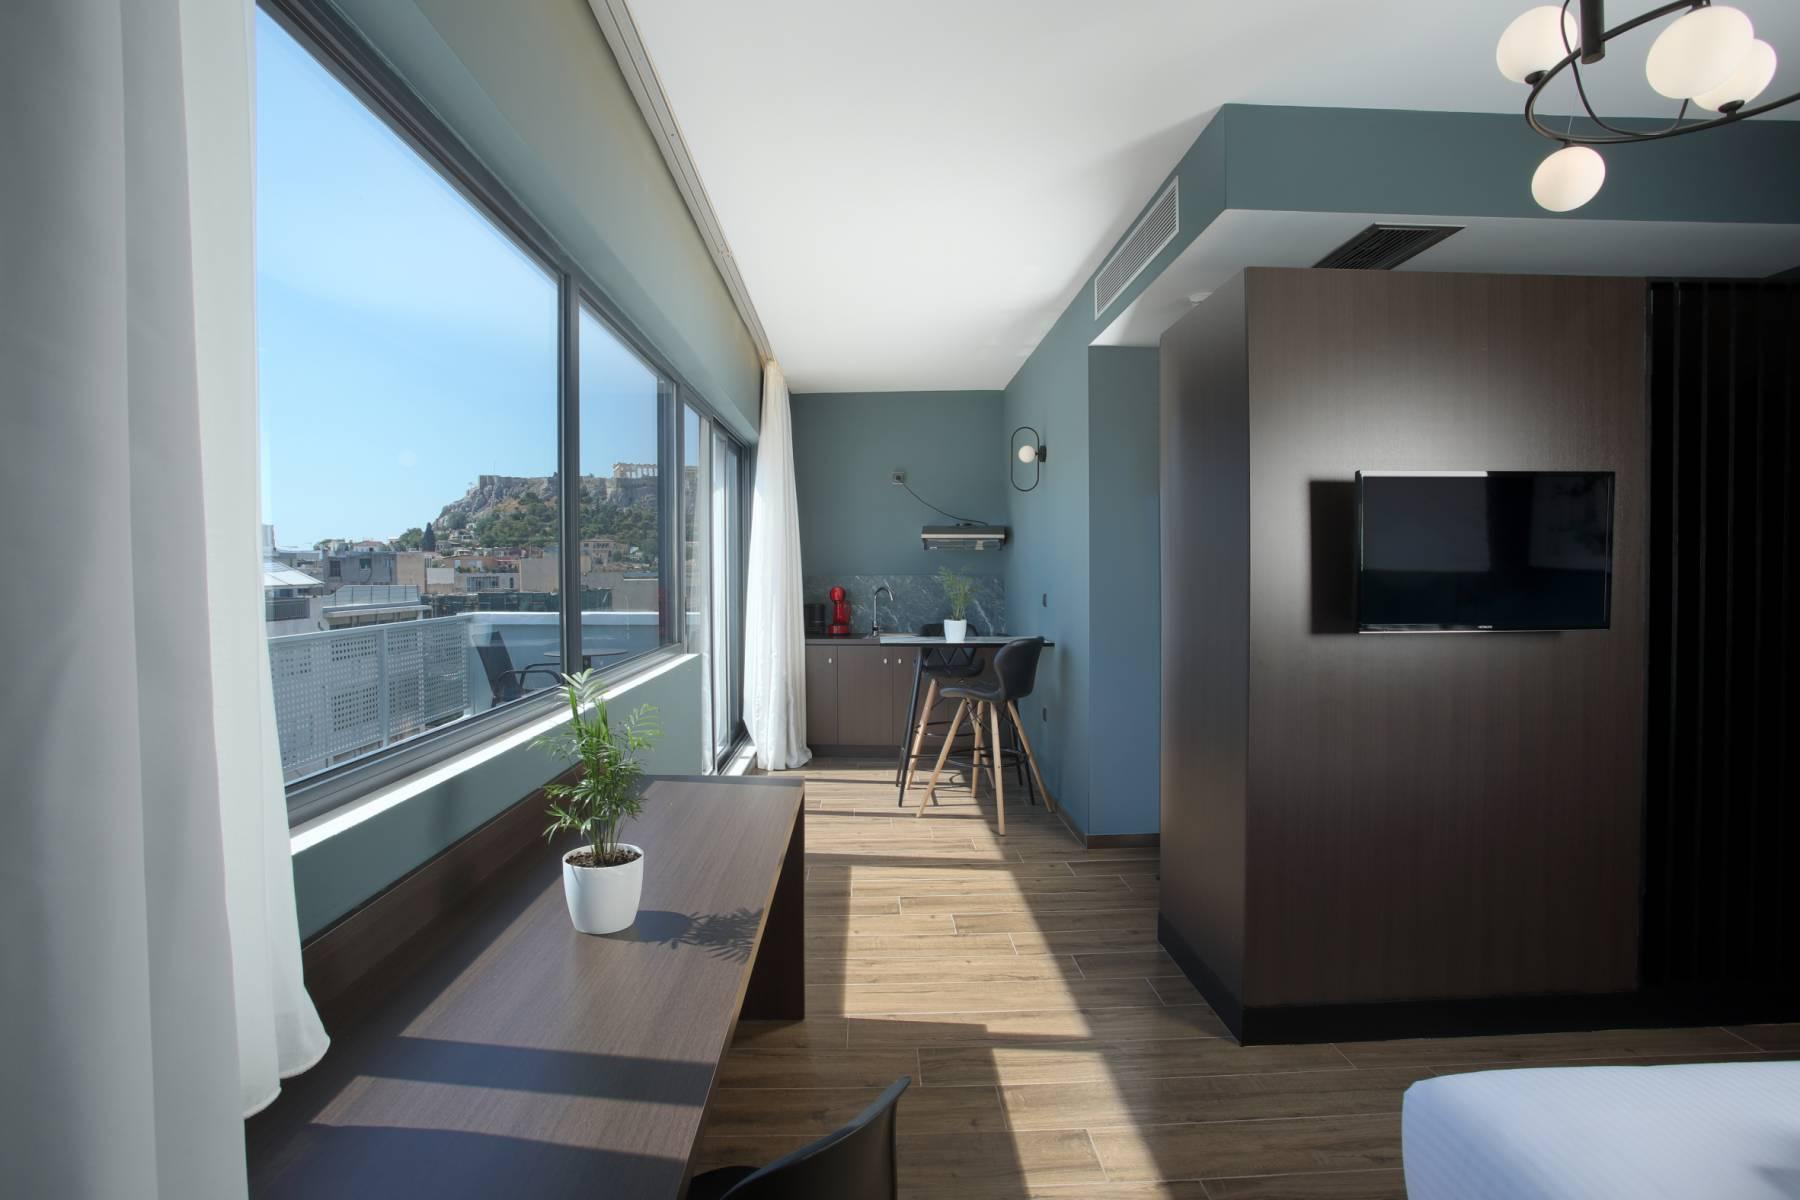 ΕΣΠΑ: Athens 21 - Εξαιρετική νέα τουριστική μονάδα στο κέντρο της Αθήνας